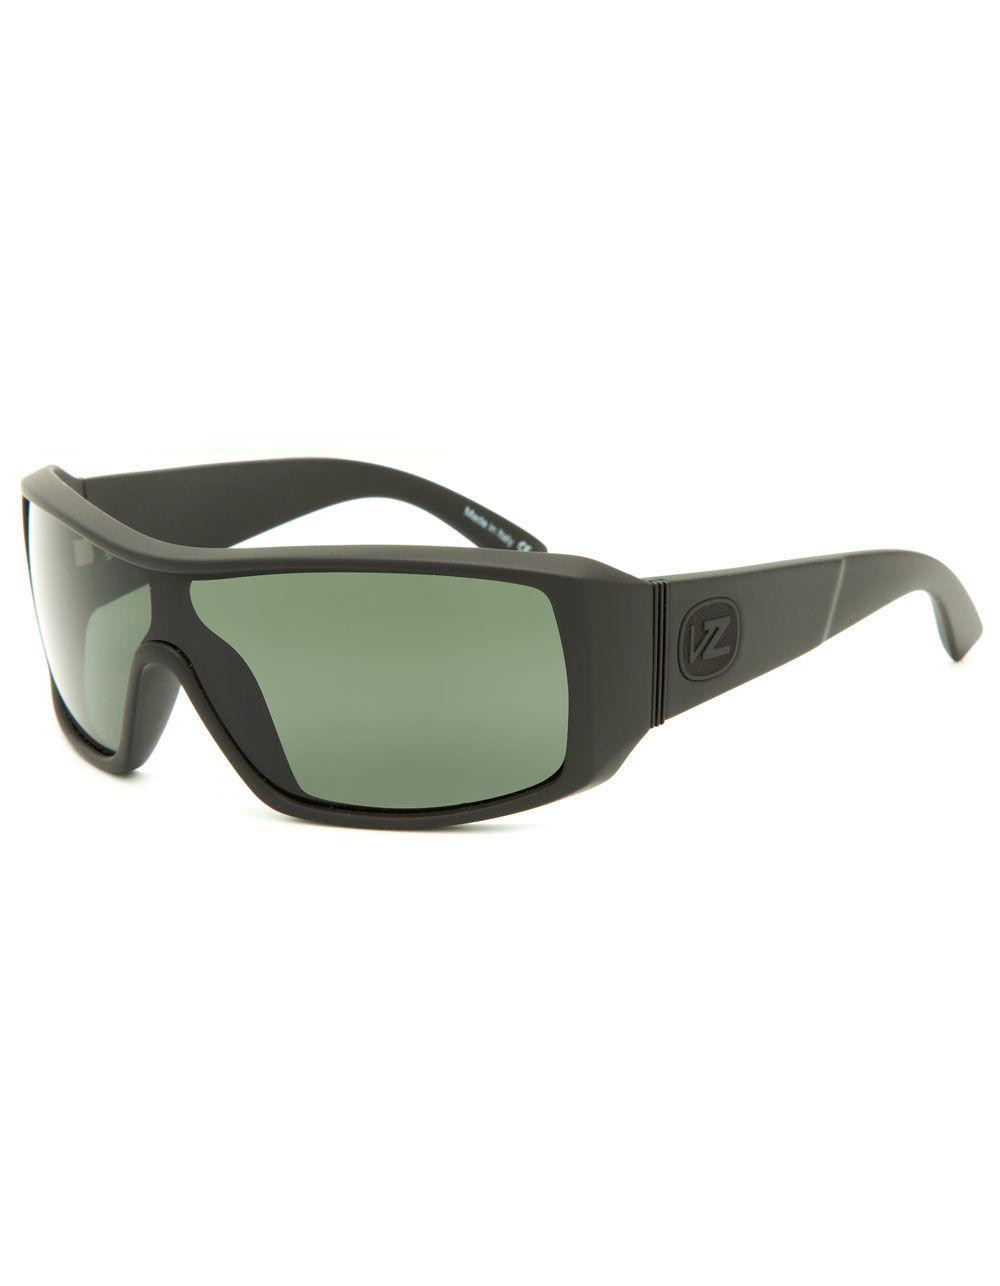 a9d2da6a07 Lyst - Von Zipper Comsat Sunglasses in Green for Men